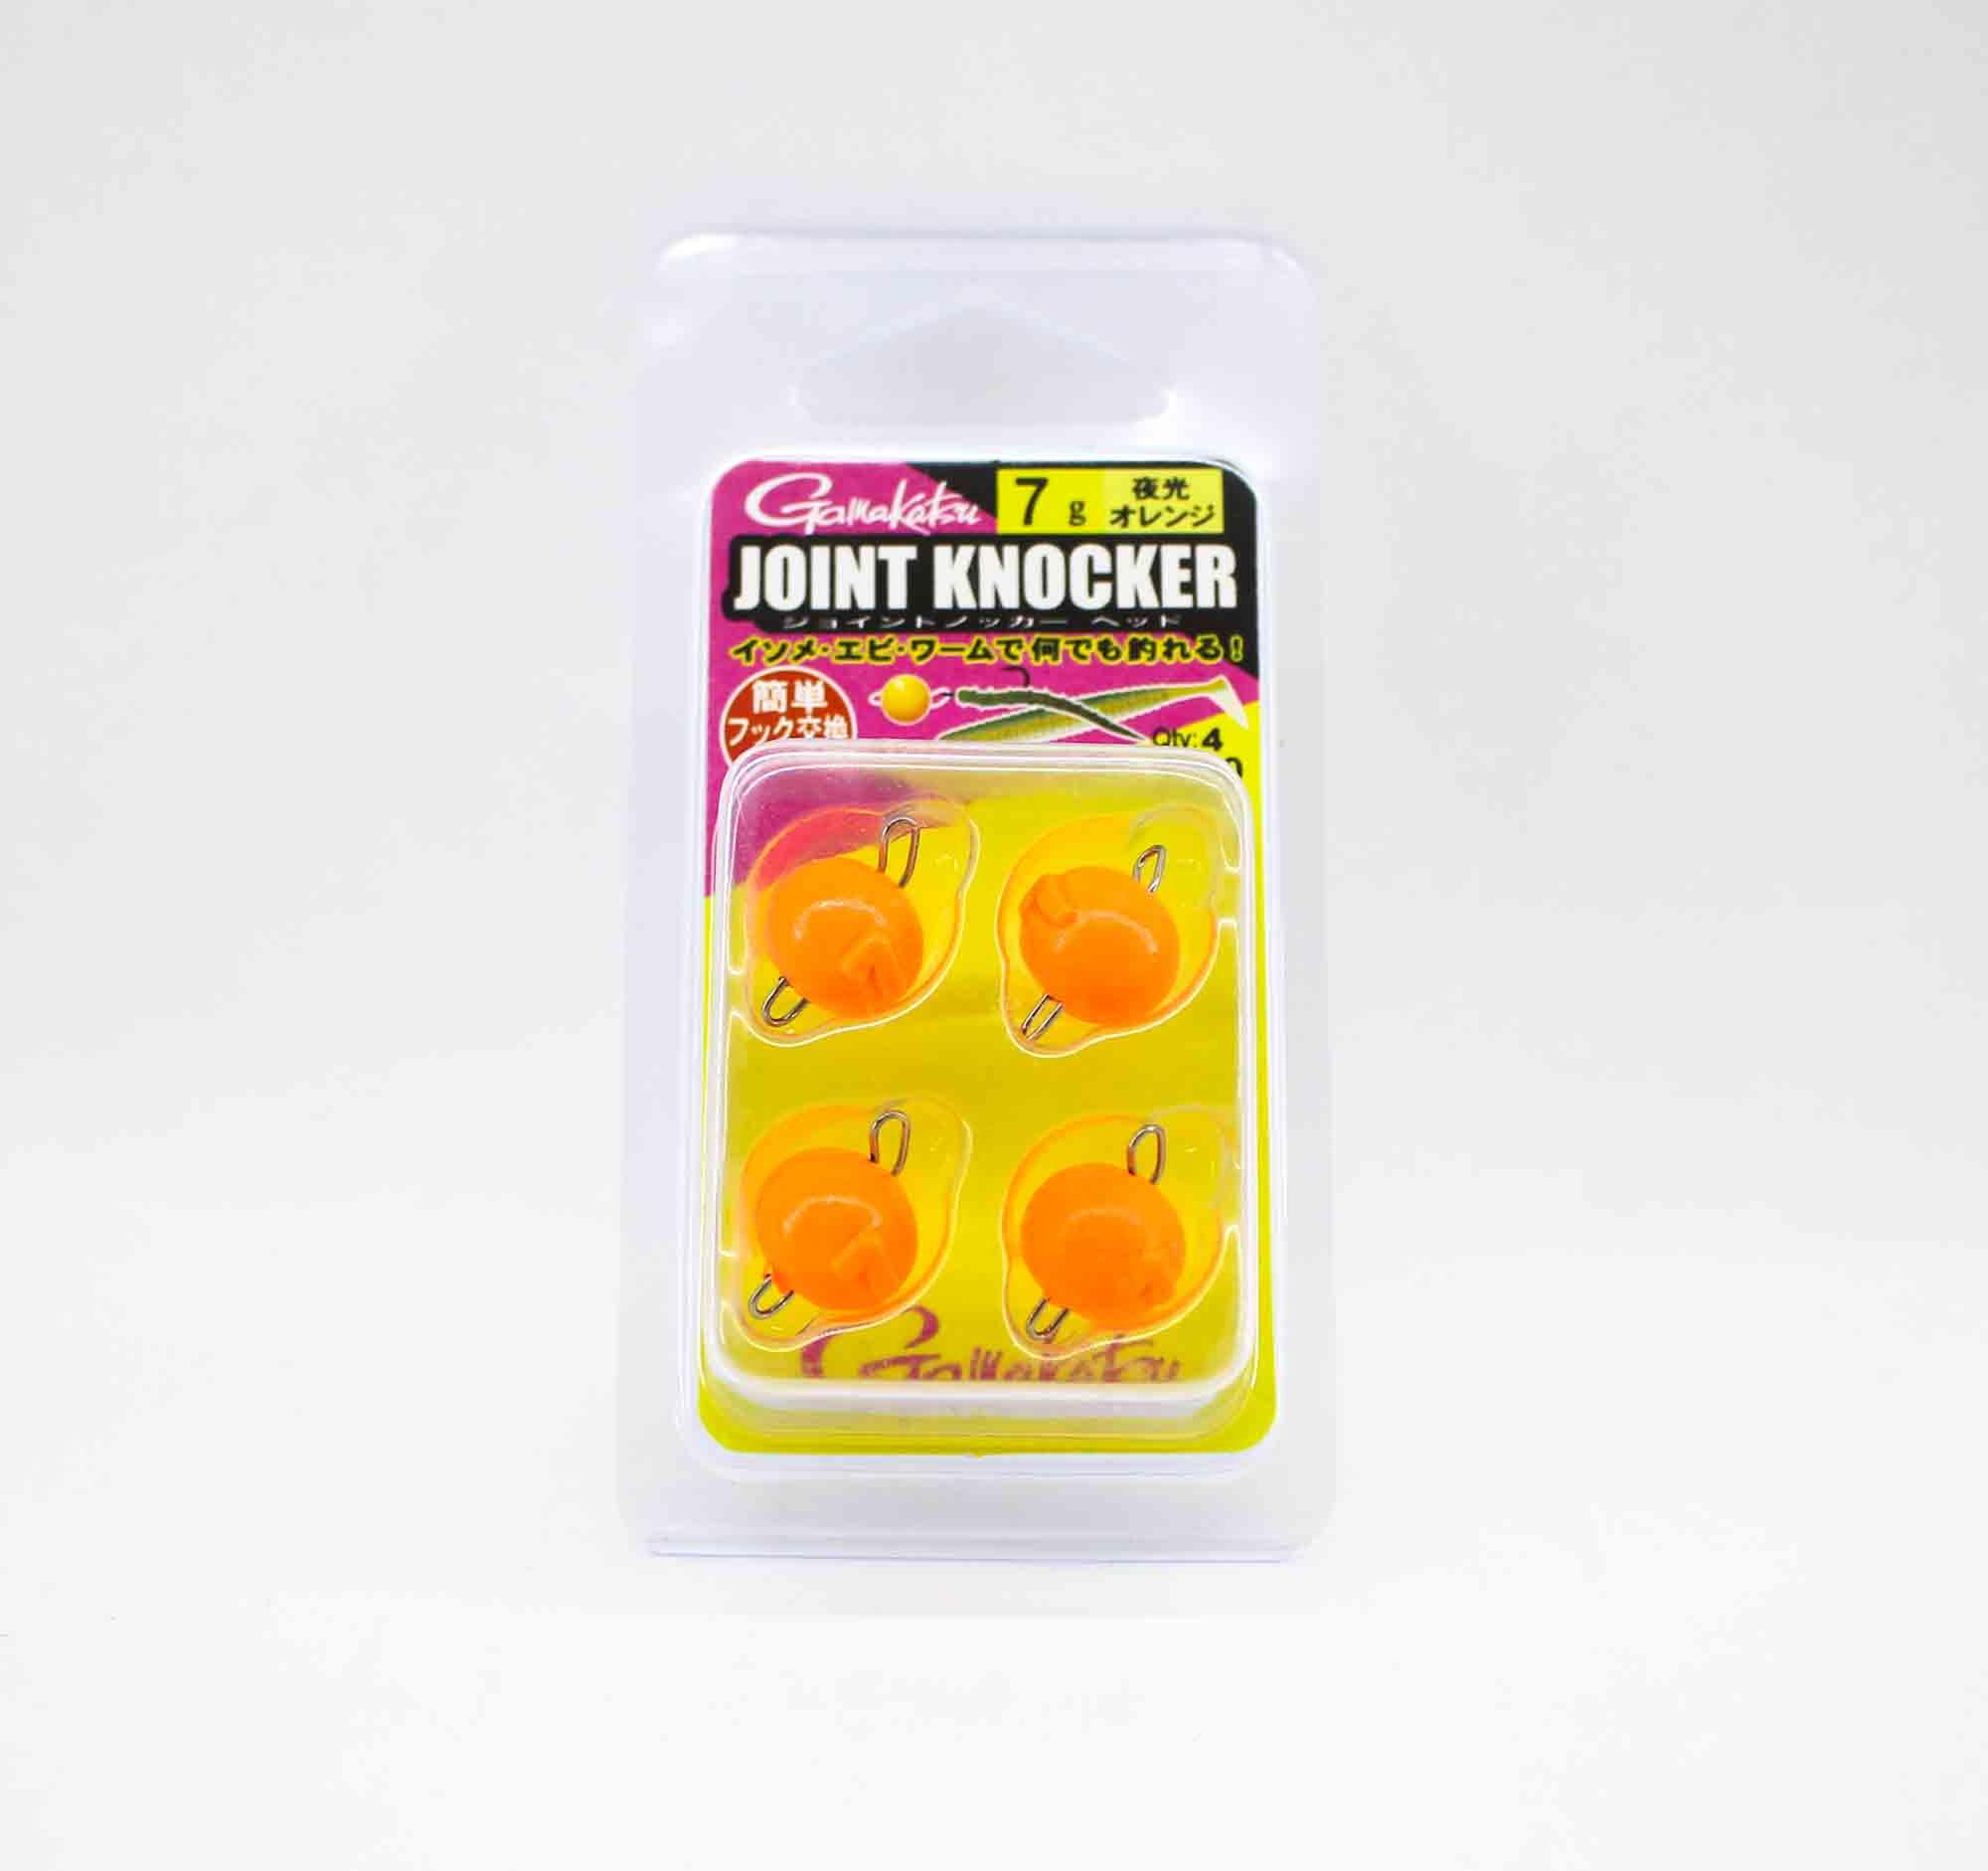 Gamakatsu 19256 Joint Knocker Jig Head 7 grams , 4 per pack (2638)